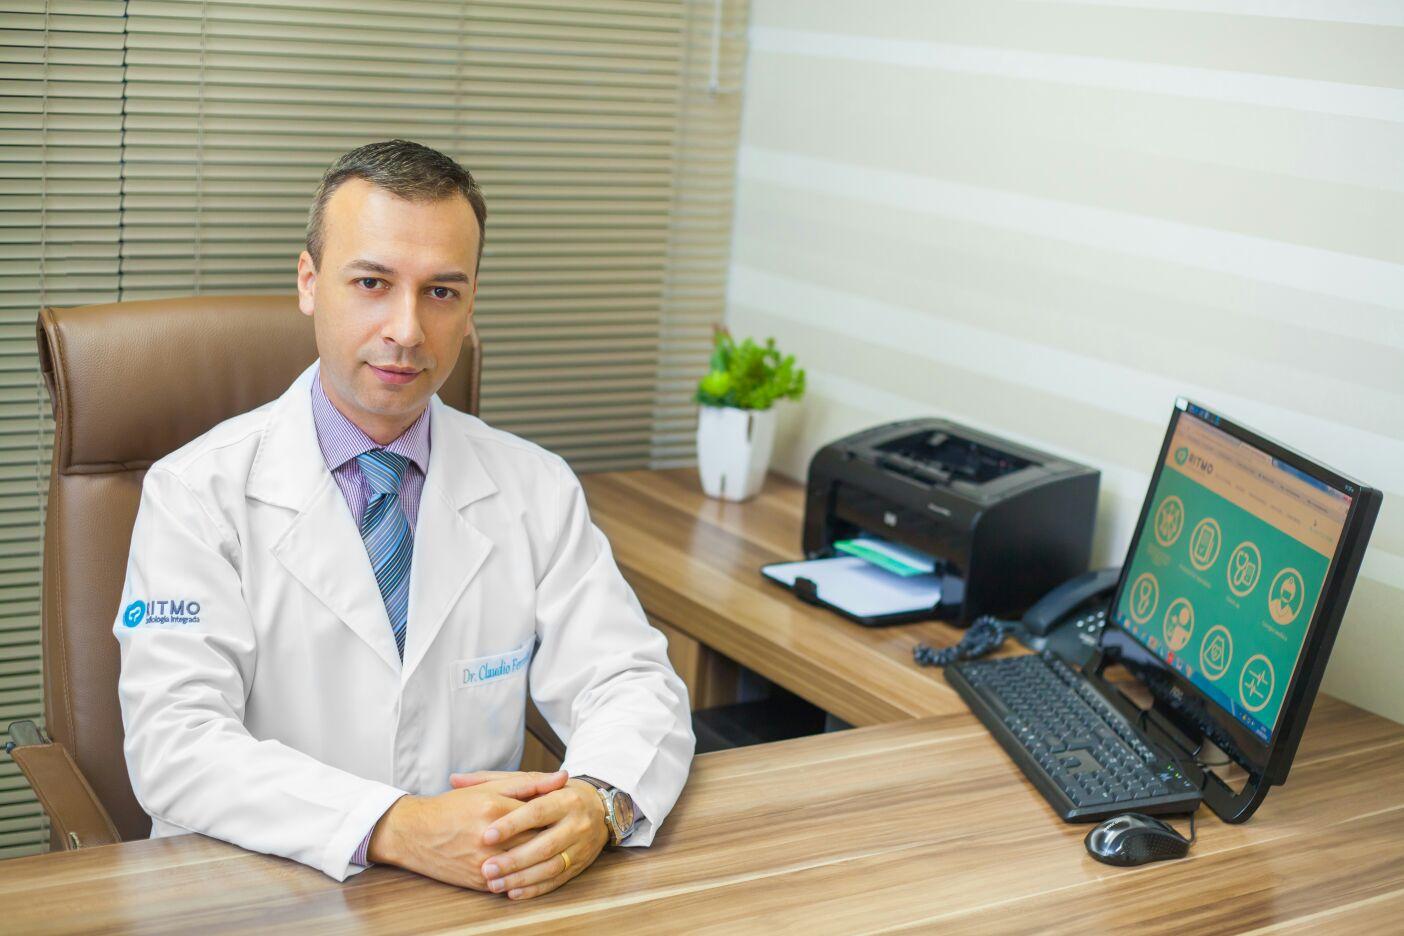 dr-claudio-ferreira